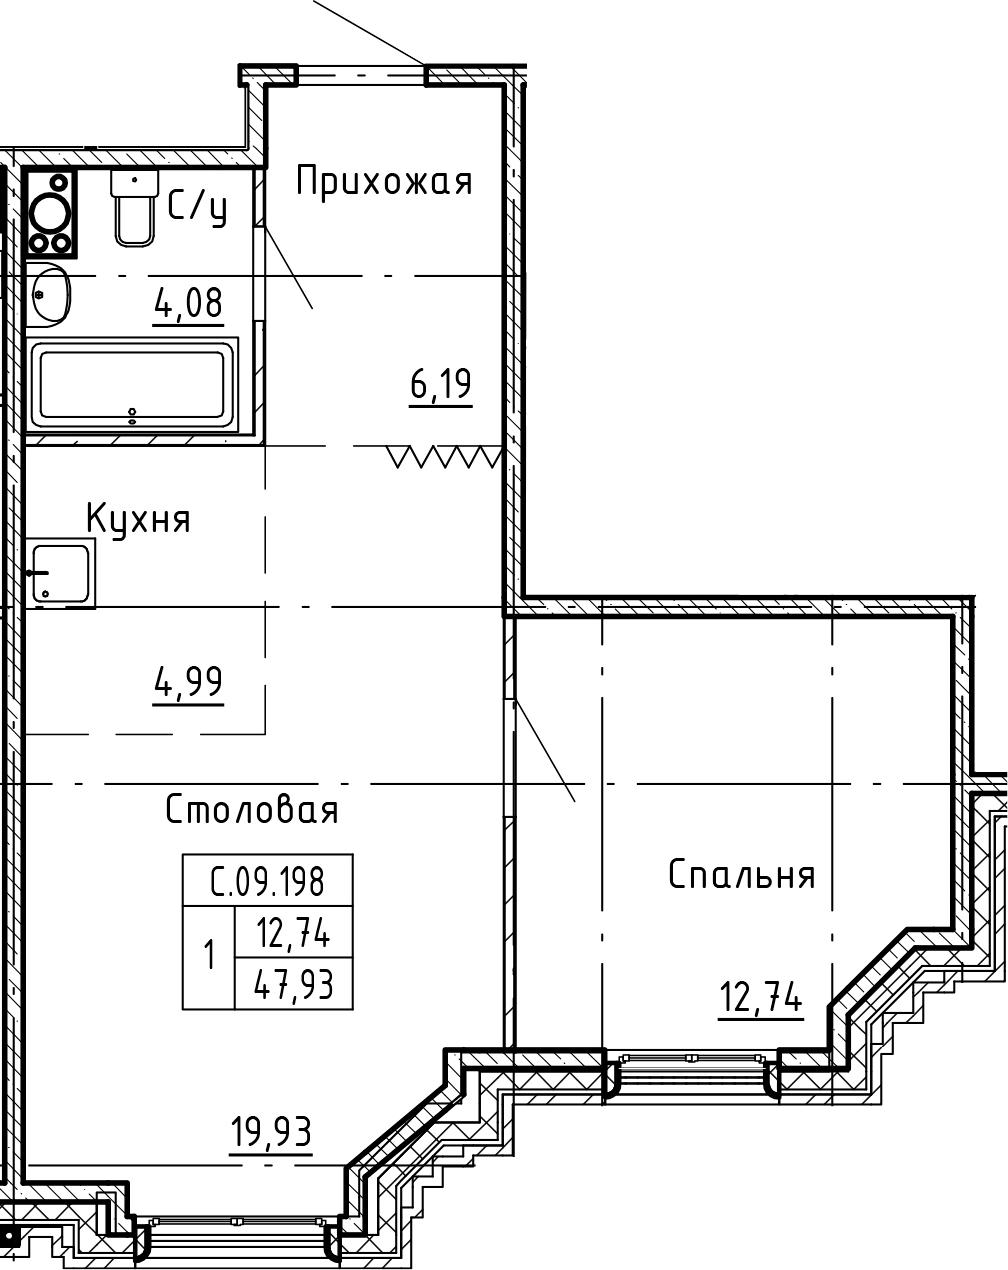 1-к.кв, 47.93 м²